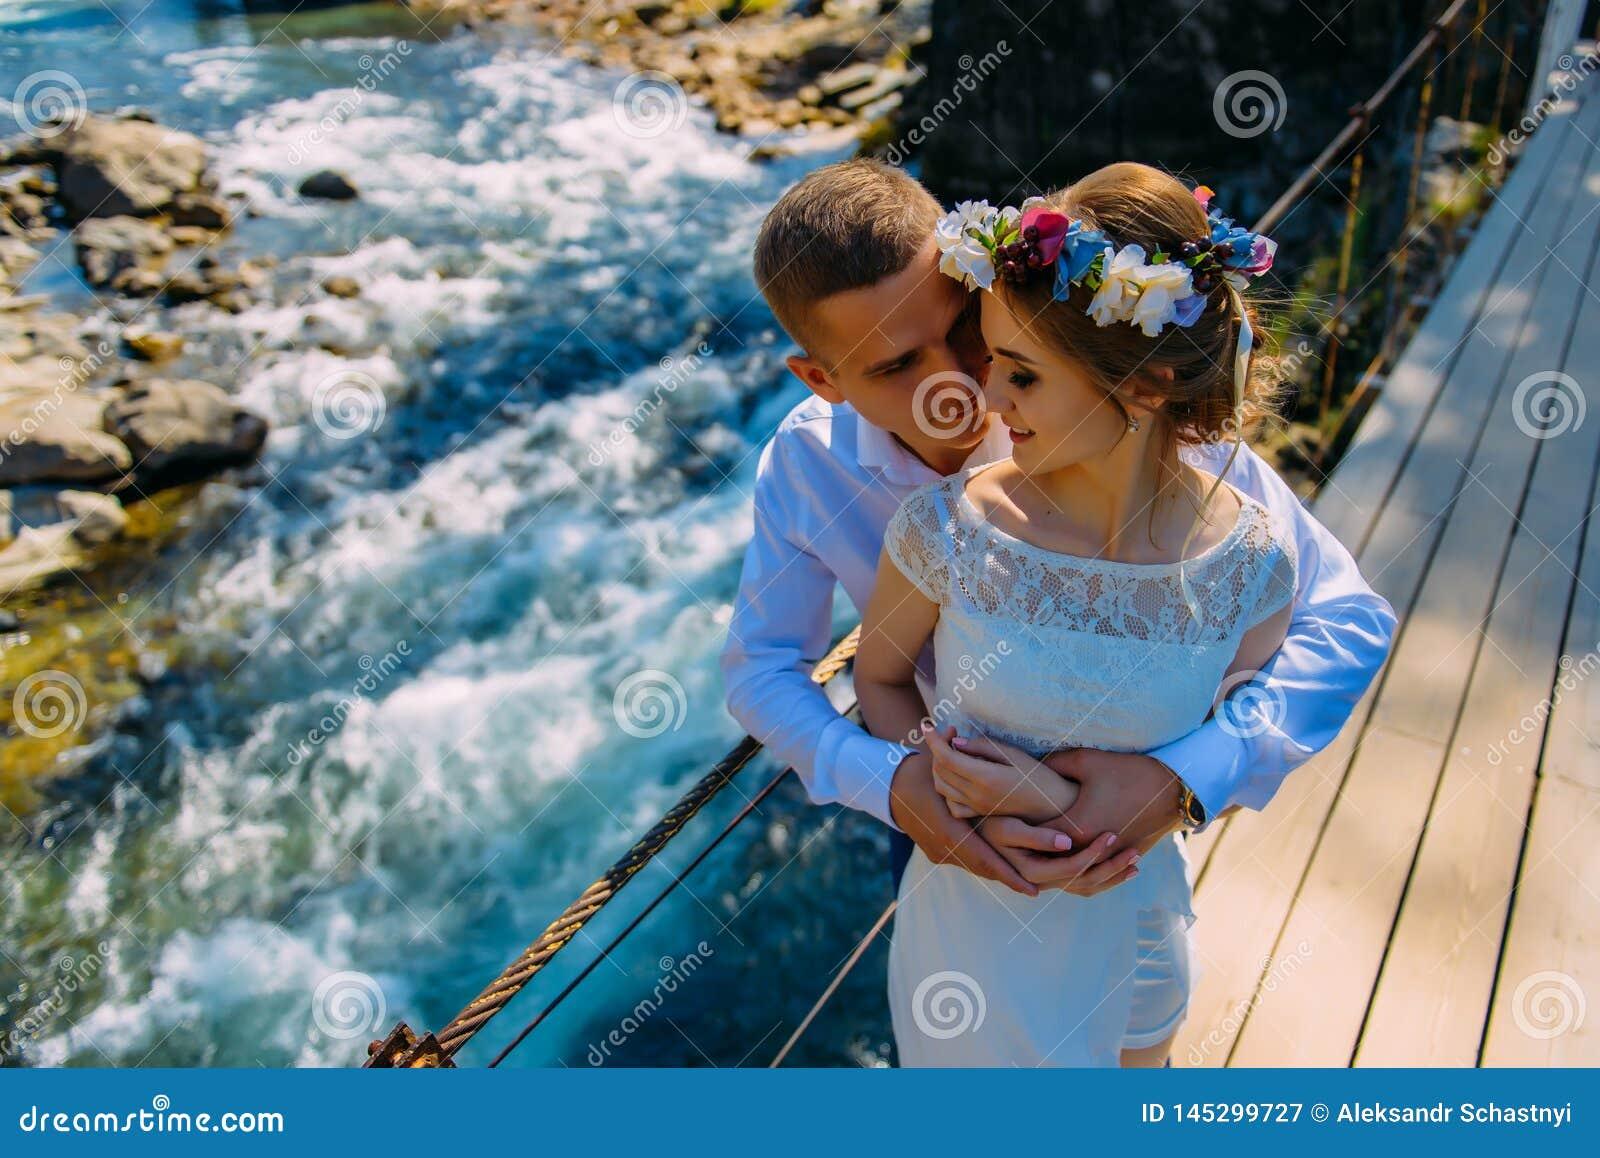 Una coppia di persone appena sposate stanno sul ponte sospeso e sullo sguardo fisso ad a vicenda Nei precedenti, fiume selvaggio